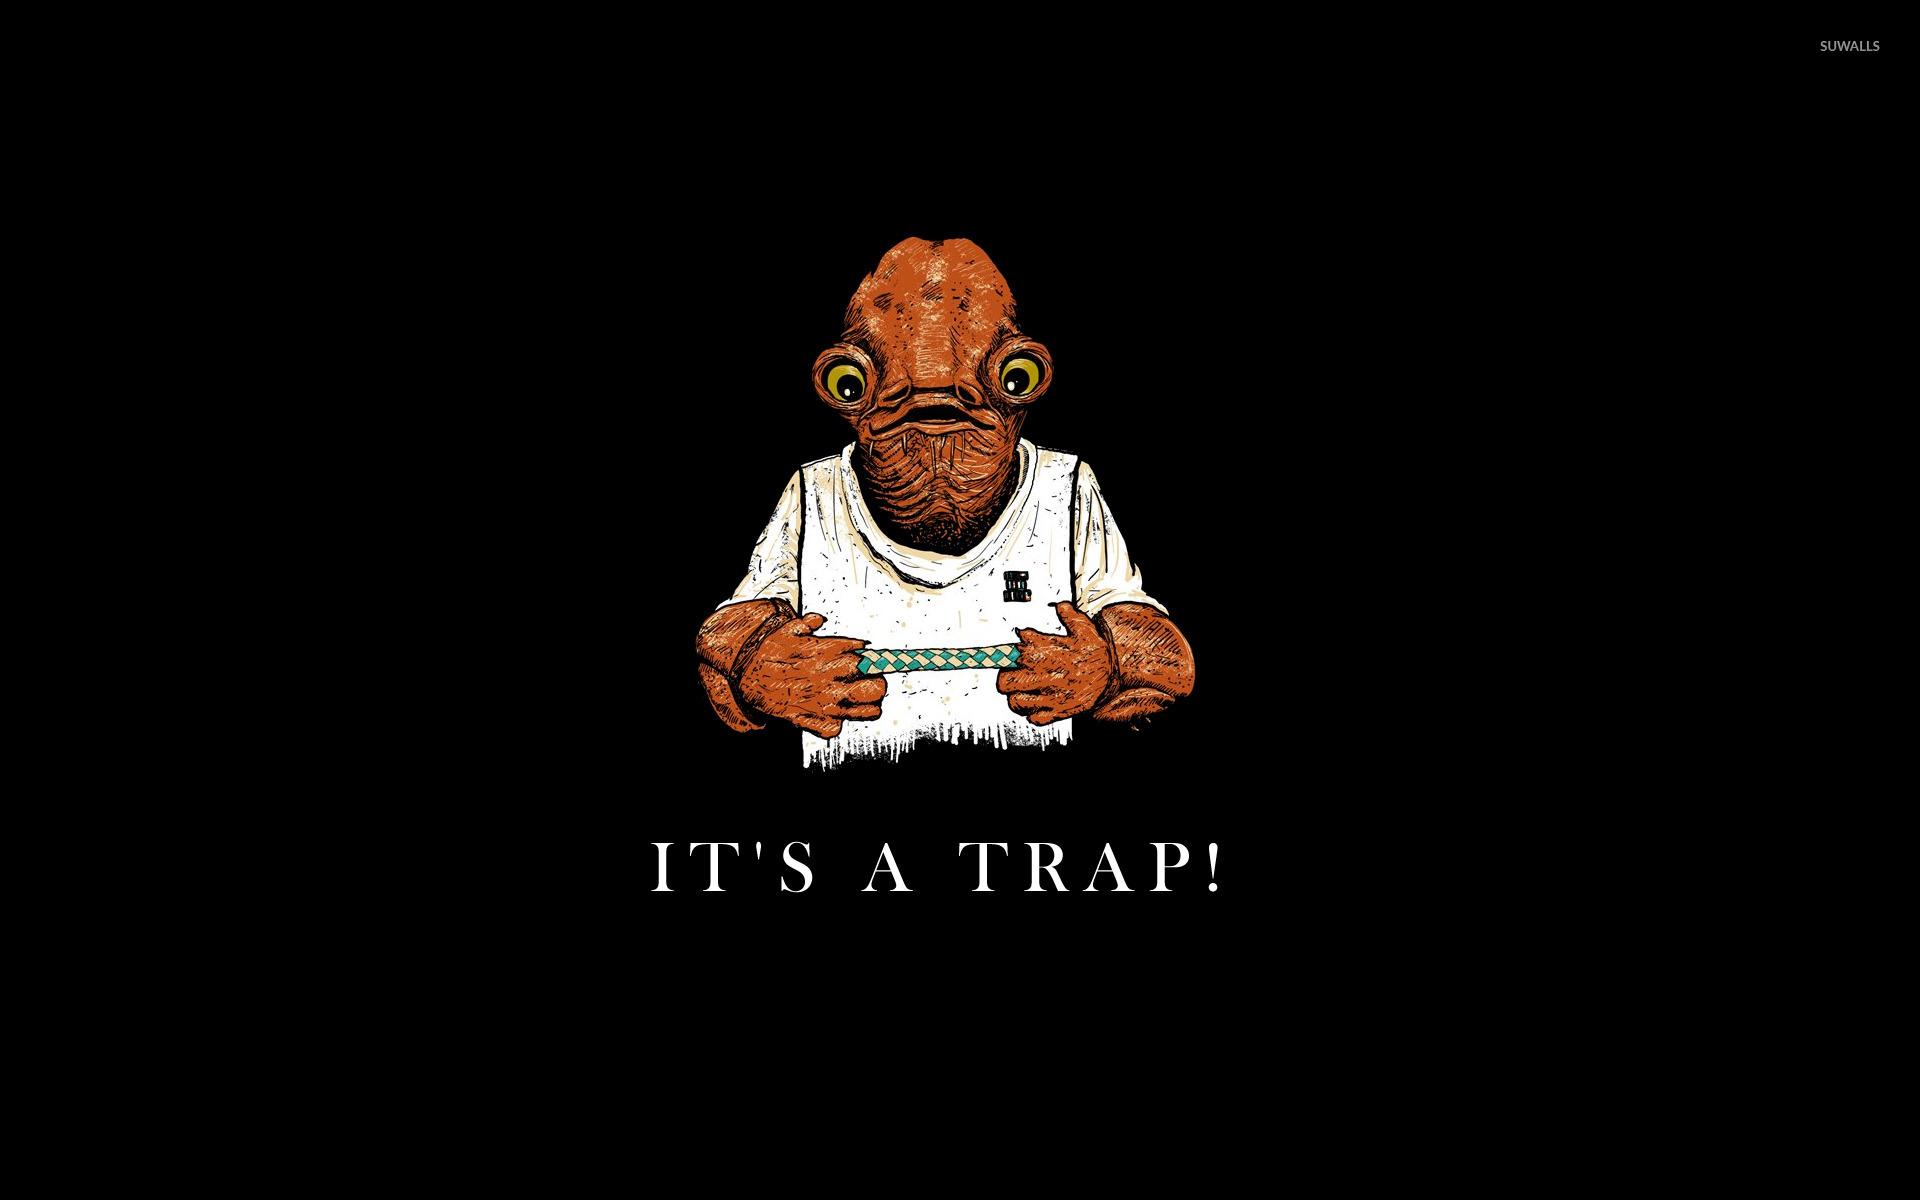 It S A Trap Wallpaper Meme Wallpapers 14354